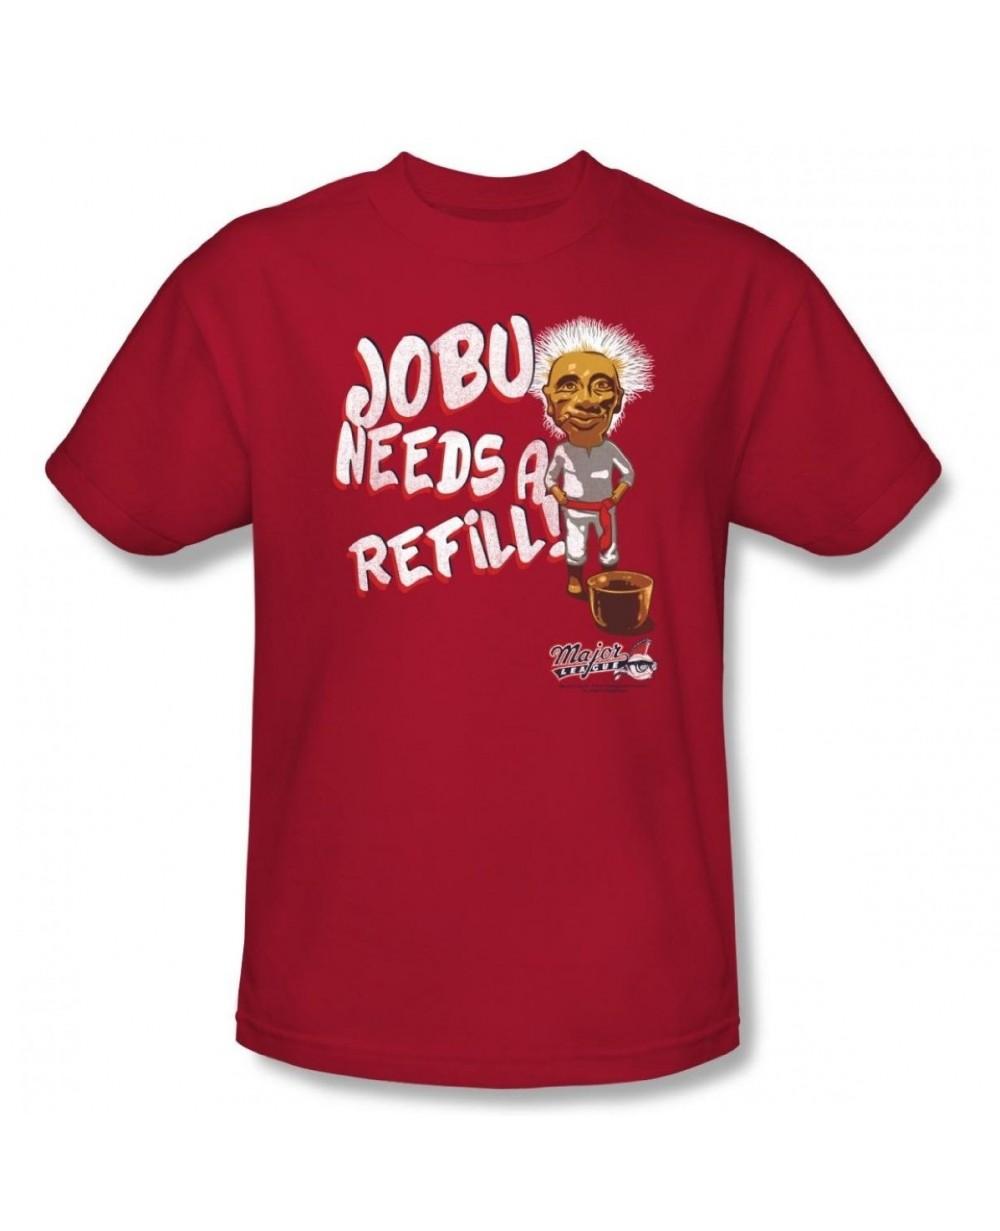 7bbce3f529a More Views. Jobu Needs A Refill Major League T-Shirt